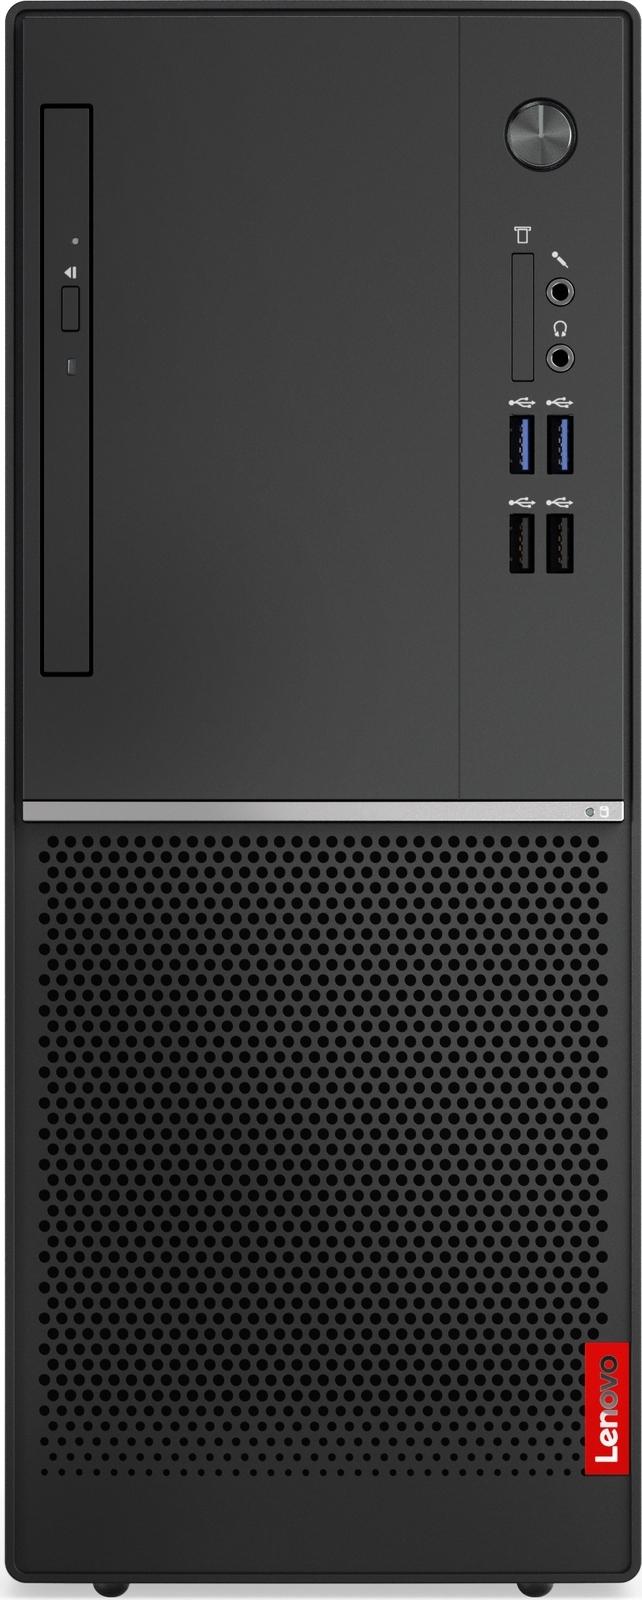 Системный блок Lenovo V520-15IKL MT, 10NK0059RU, черный цена